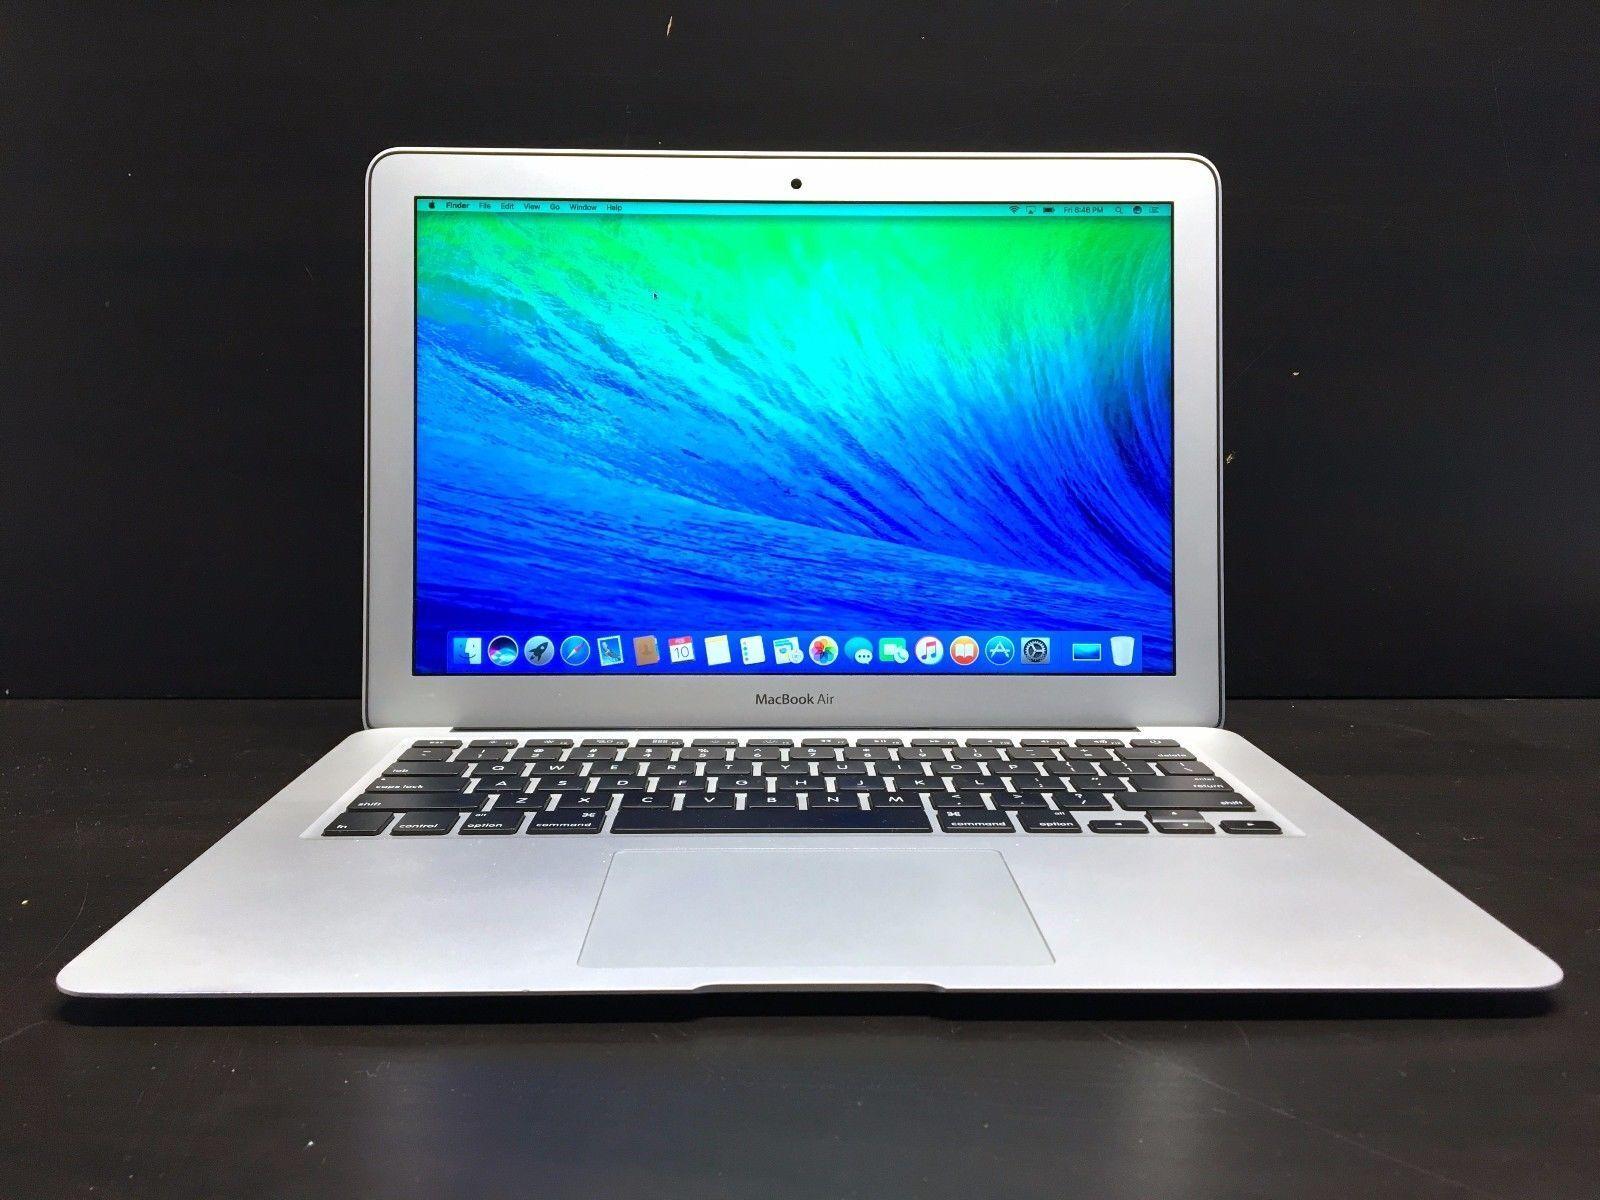 """Apple MacBook Air 13"""" / 1.86GHz / 256GB+ Storage / GeForce / OS-2017 / Warranty!"""